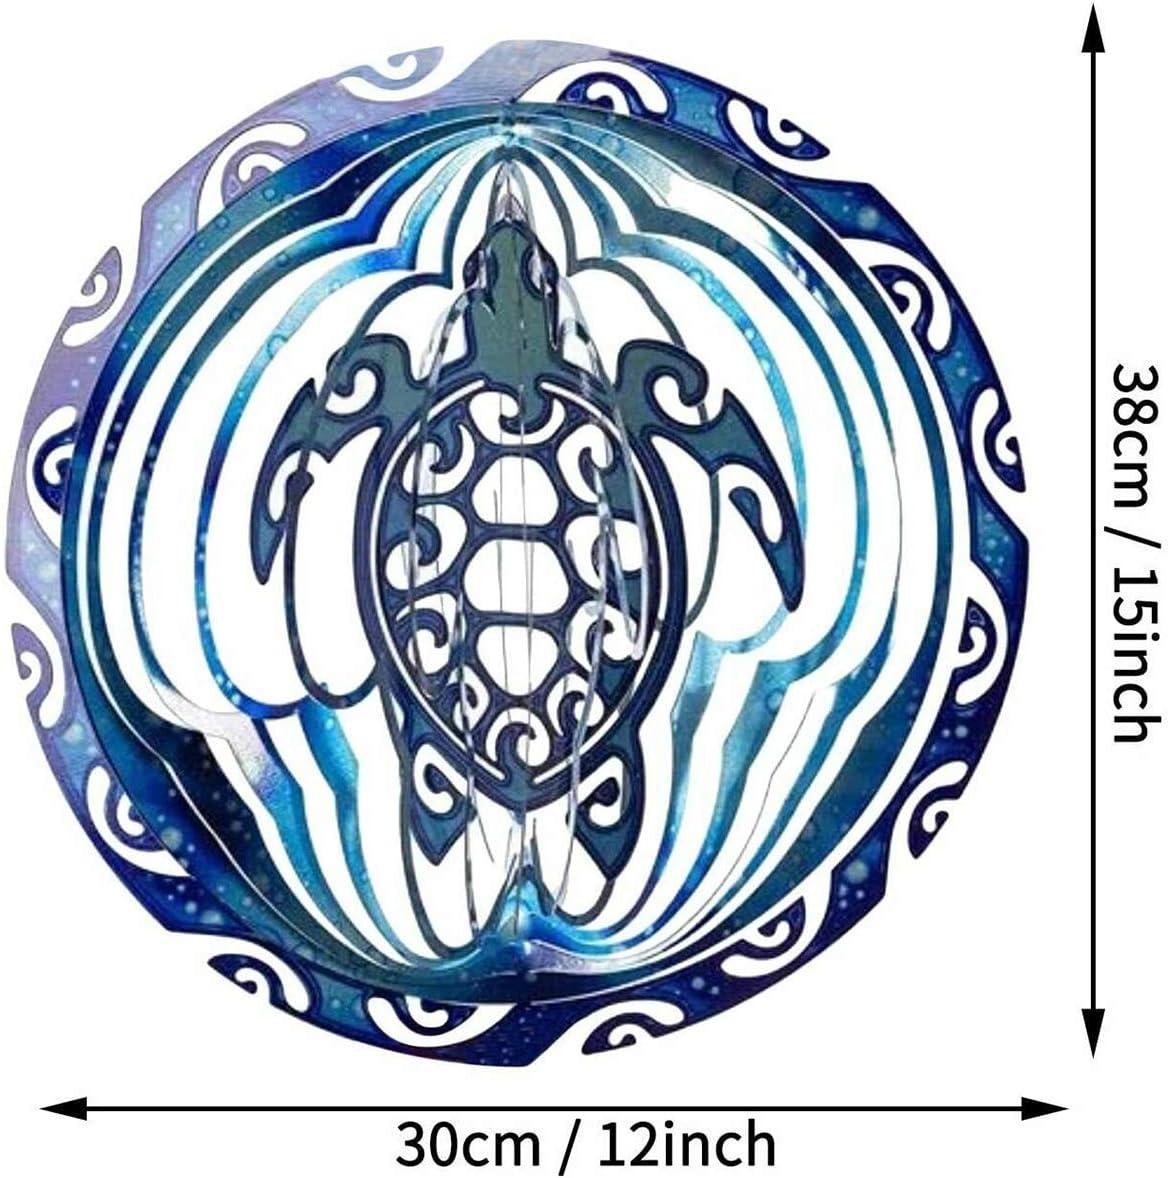 3D Innenau/ßengartendekorationshandwerksverzierungen Faltbares Rotierendes Windspiel Rongchuang Metallwindspinner